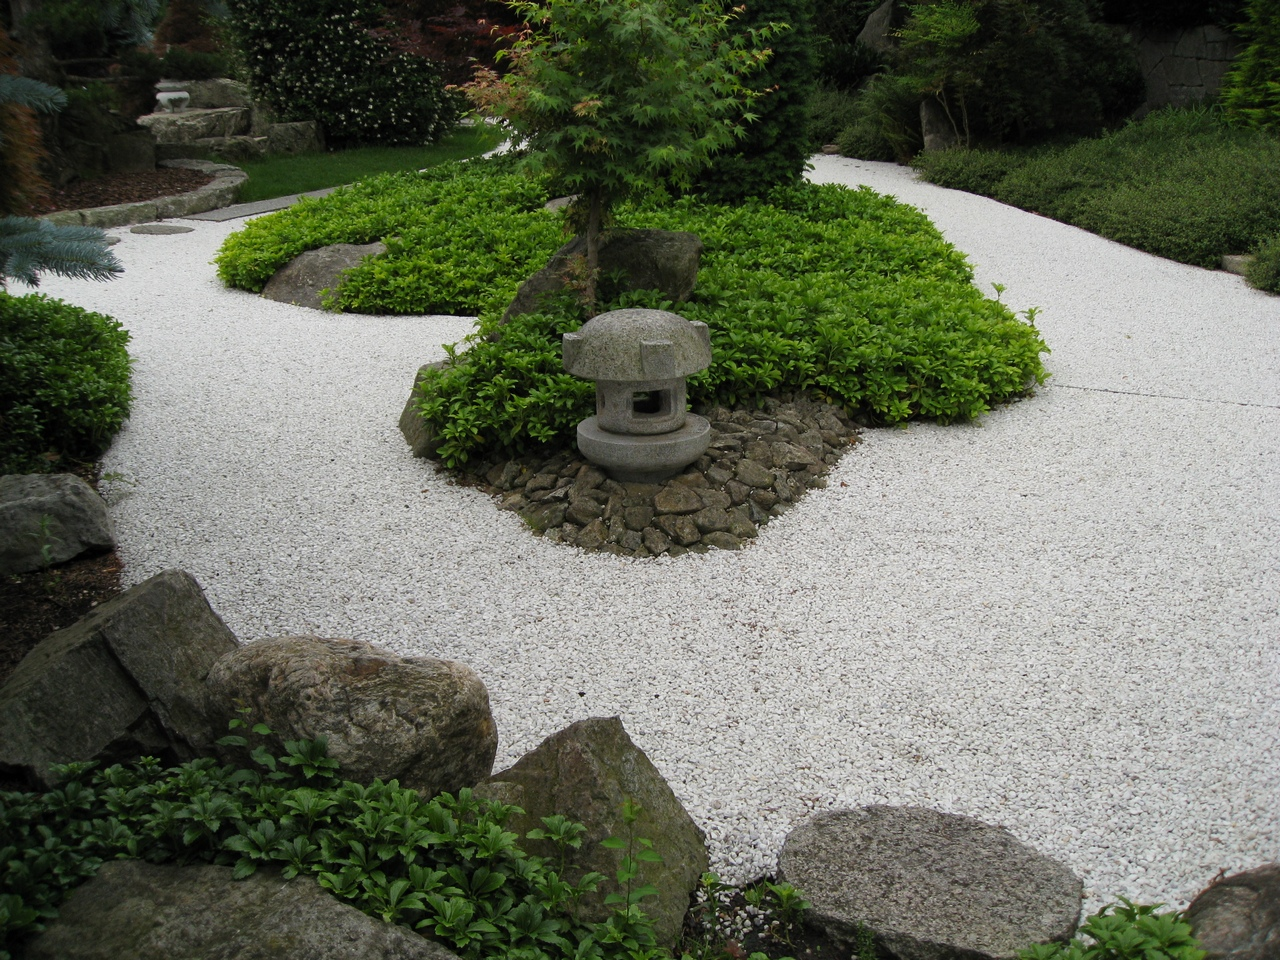 Senderos y caminos de piedras en el jard n for Piedras blancas para decoracion